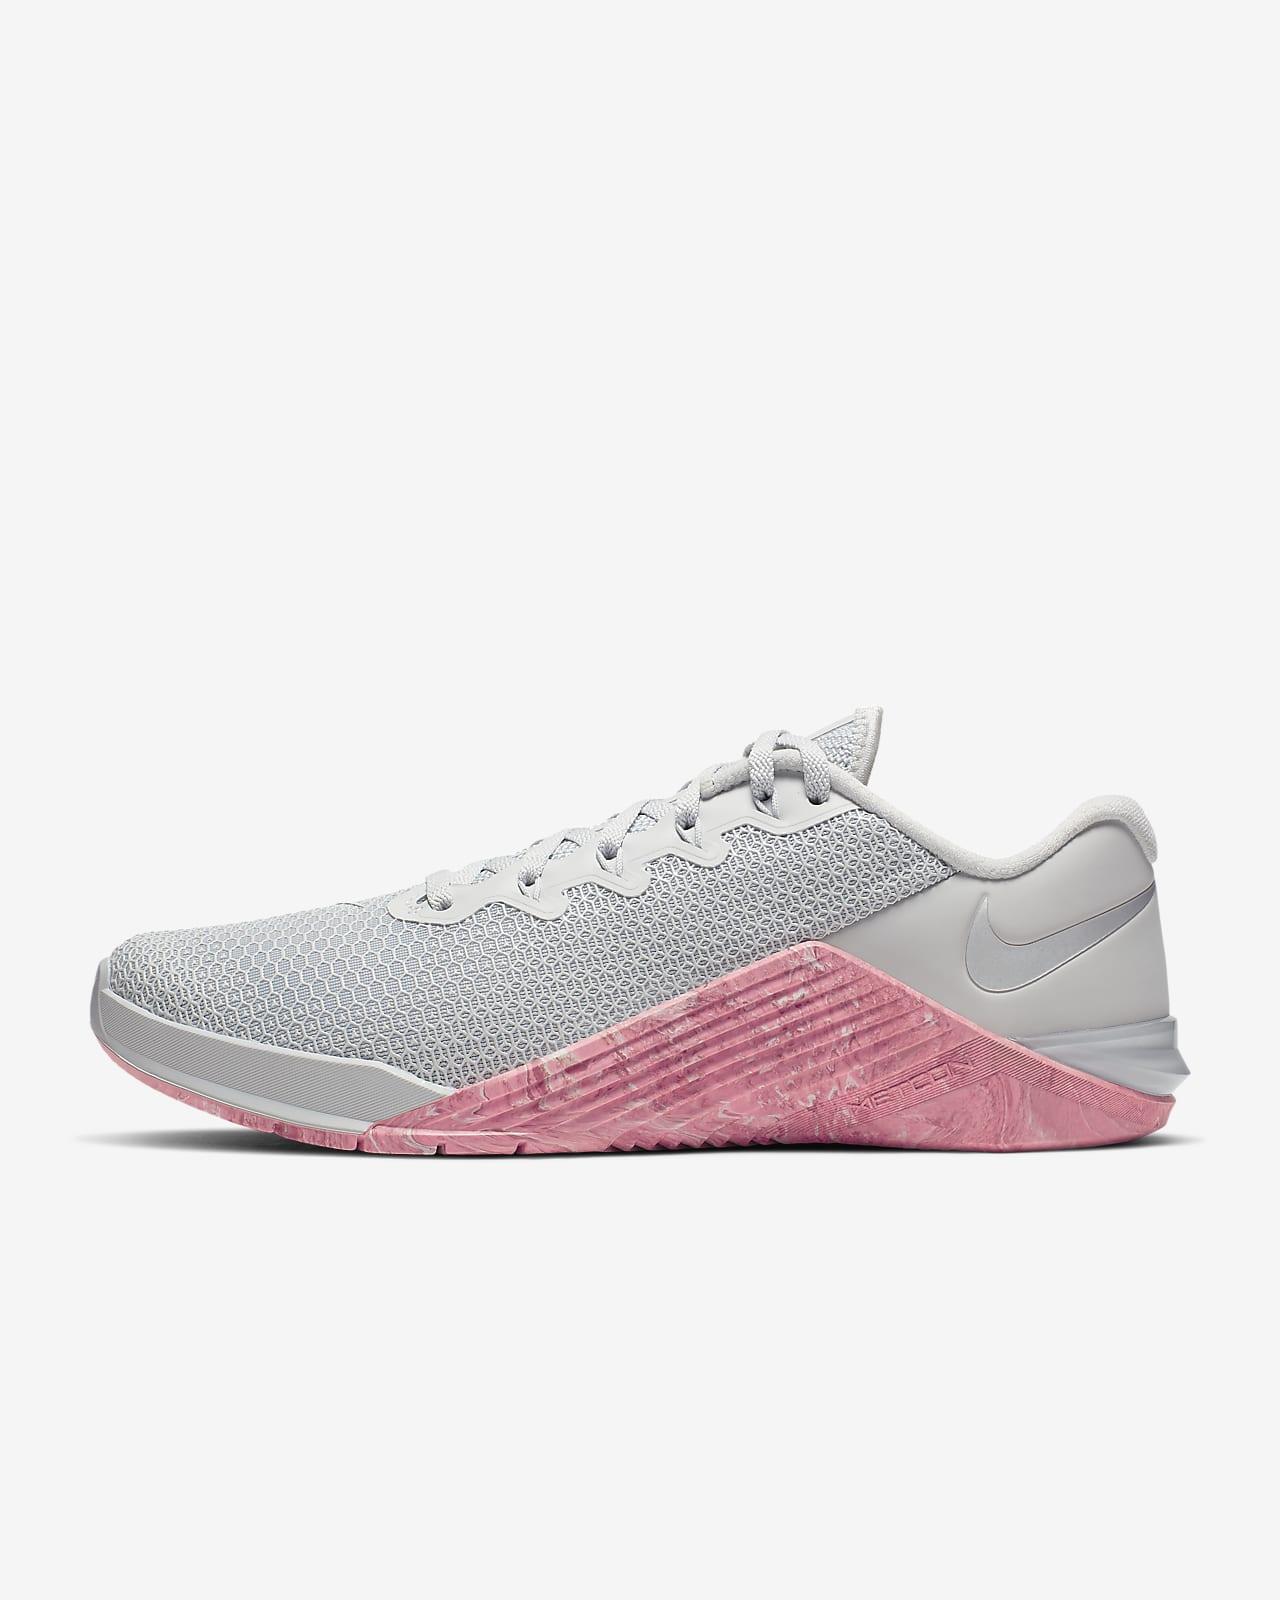 NIKE Metcon 5 Zapatillas de Atletismo para Mujer